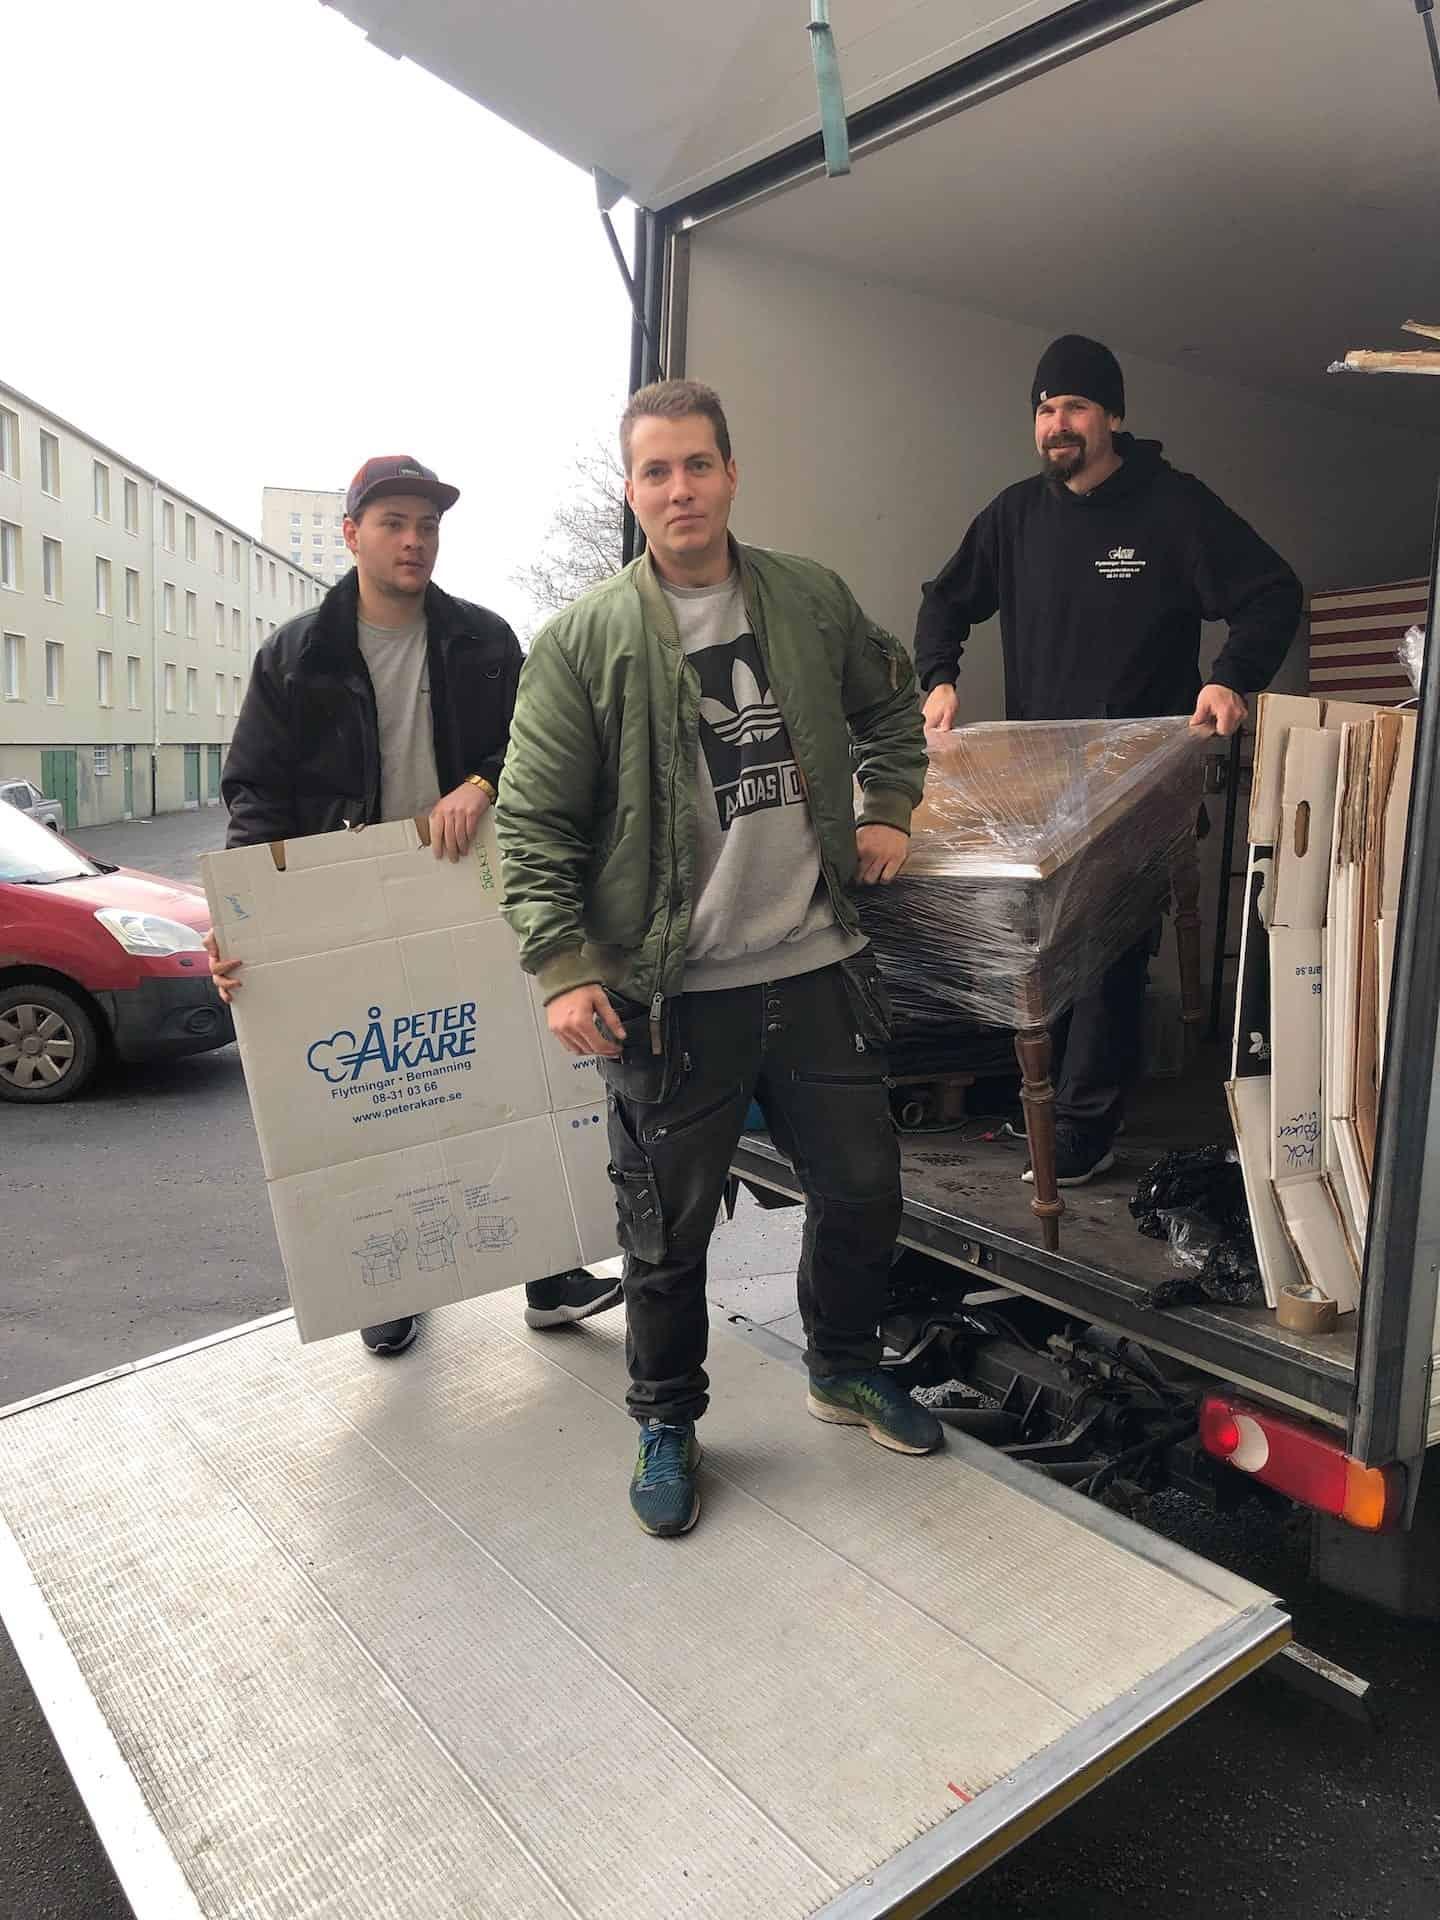 Flyttarbetare från Flyttfirma Peter Åkare flyttar möbler i Årsta